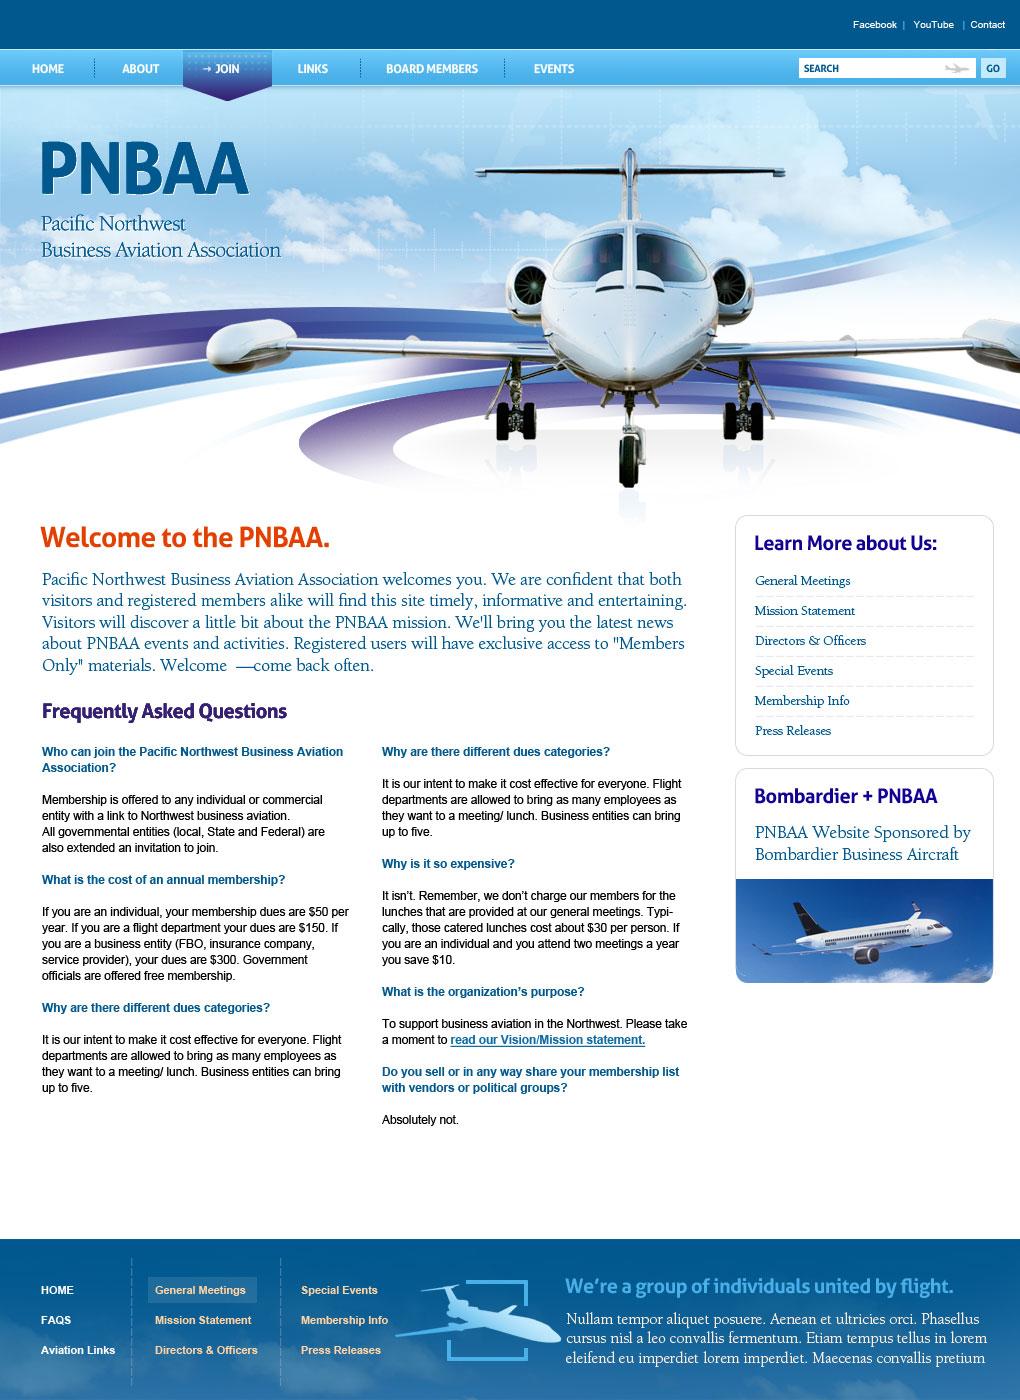 PNBAA_Website_homepage_design